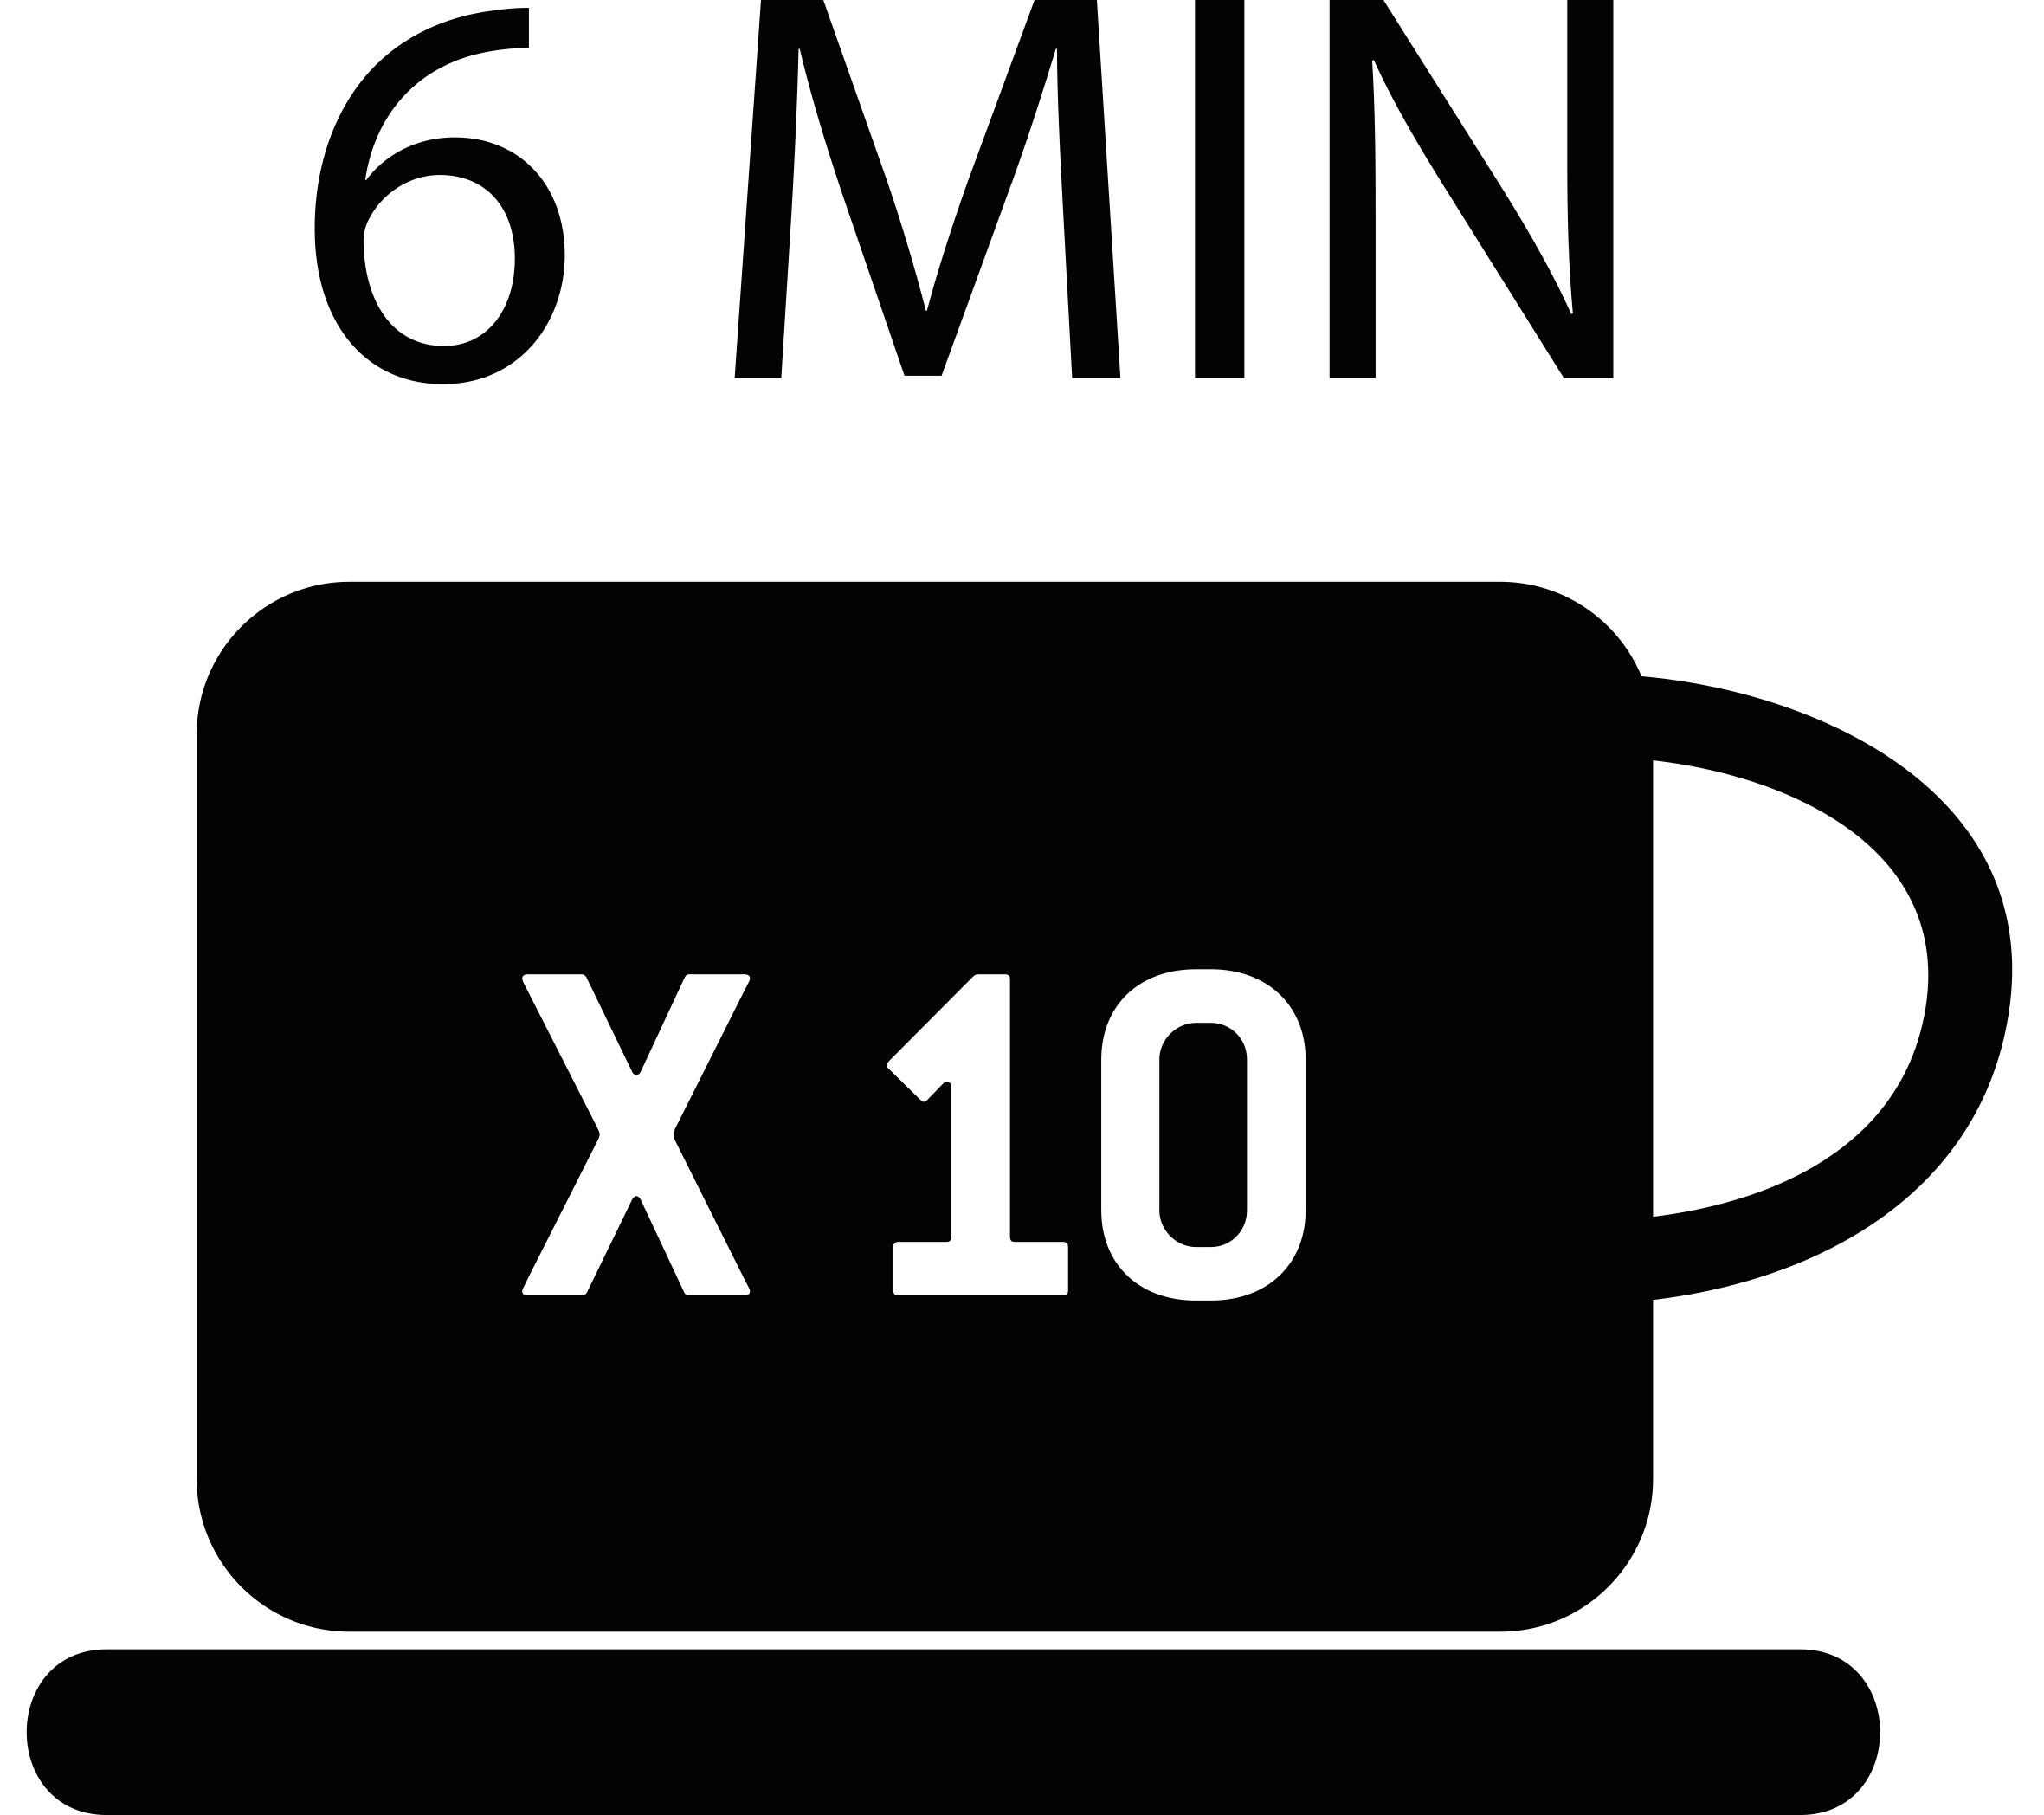 Schnelle Zubereitung 10 Tassen in 6 Minuten Icon